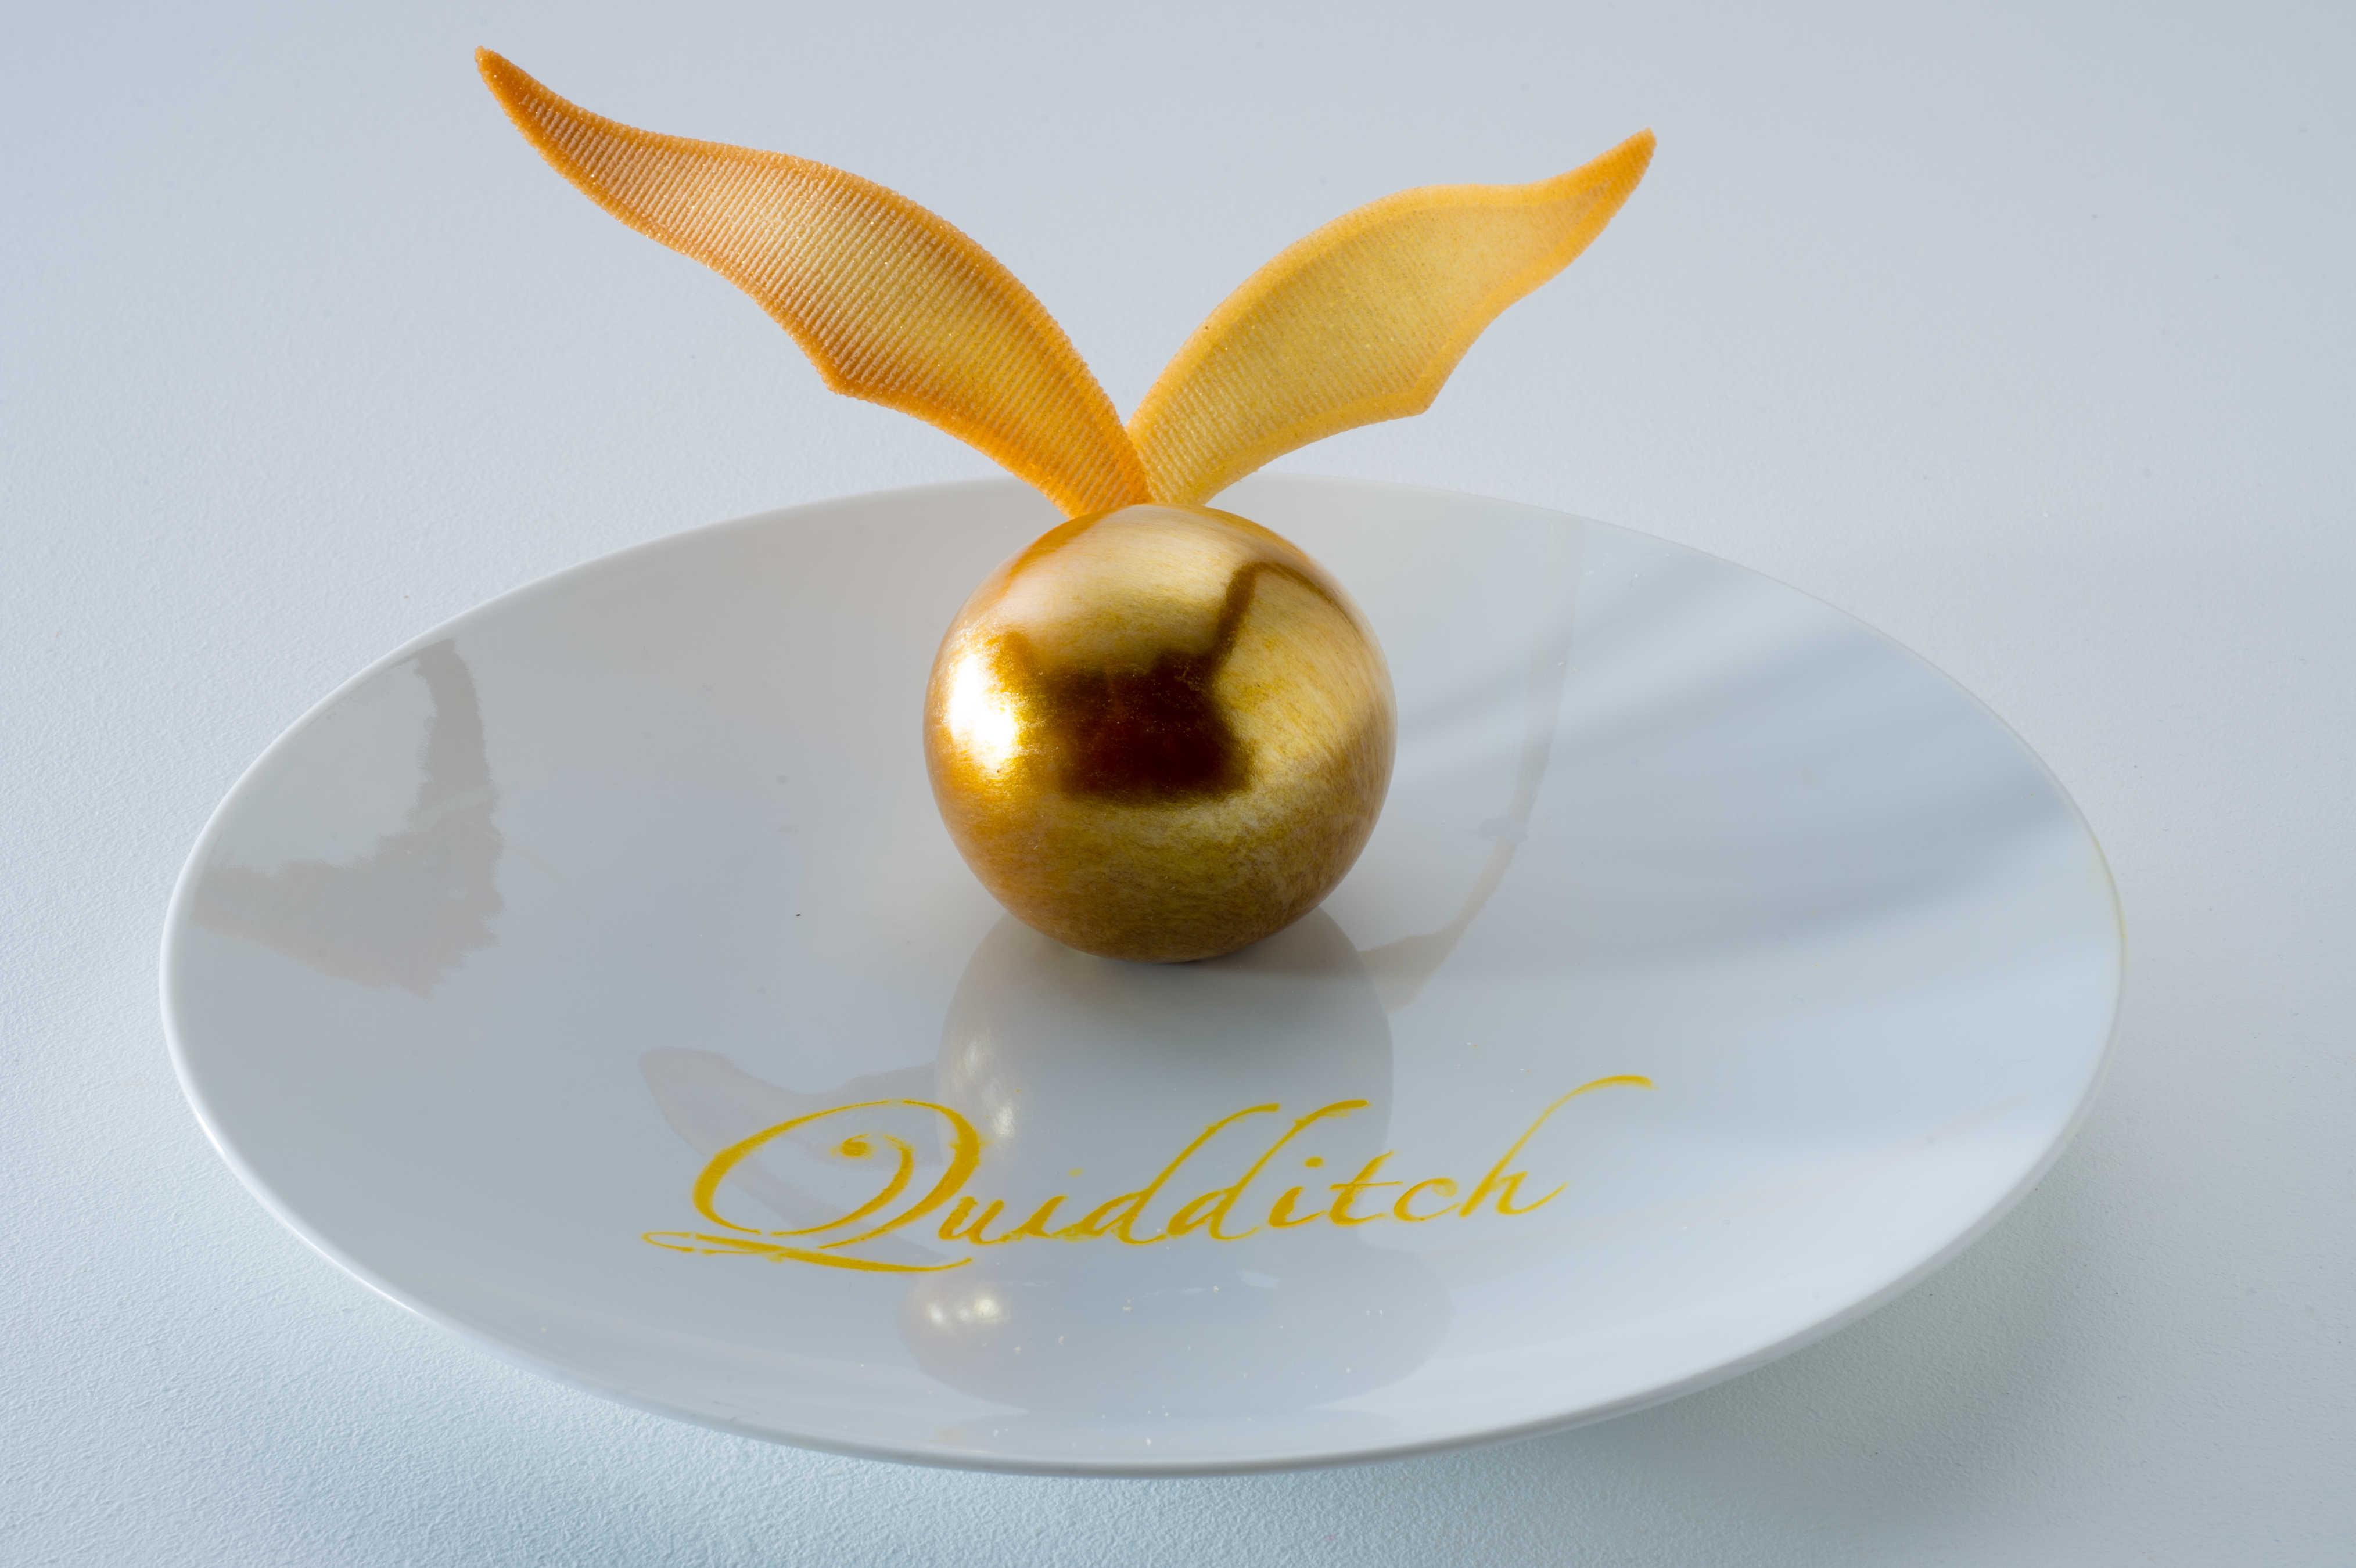 Coupe du monde de pâtisserie : sculpture en sucre et chocolat - Danemark